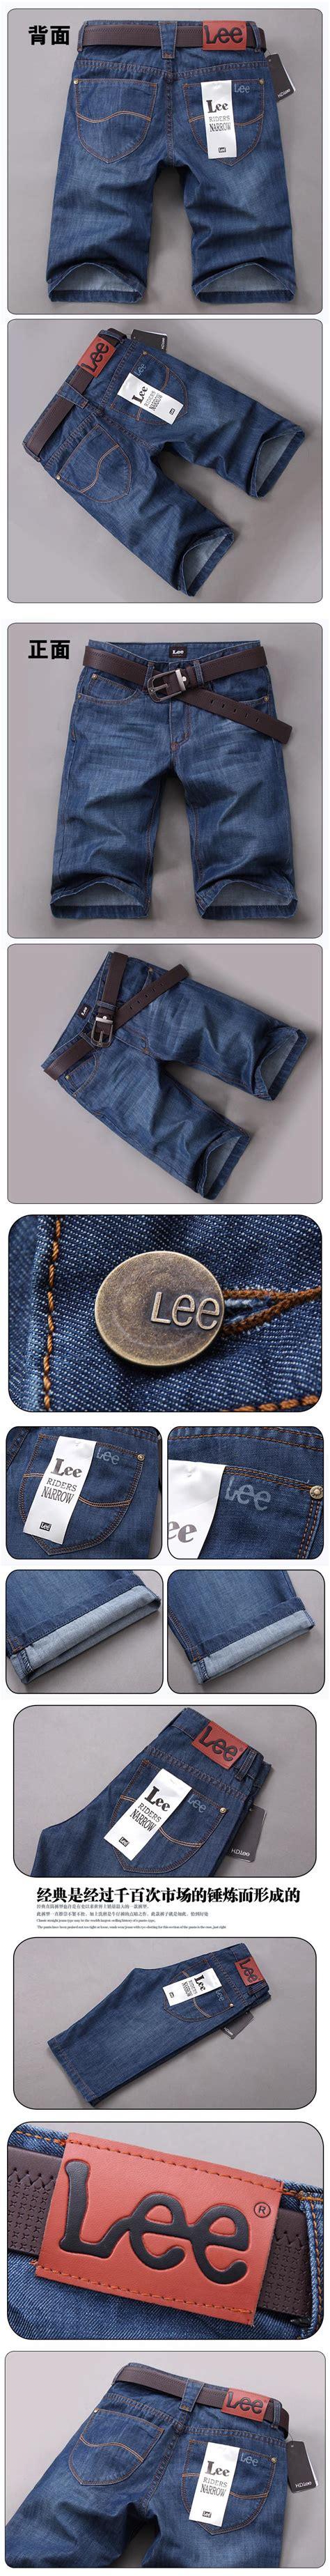 Harga Celana Panjang Merk Lea celana pria cp054 pfp store